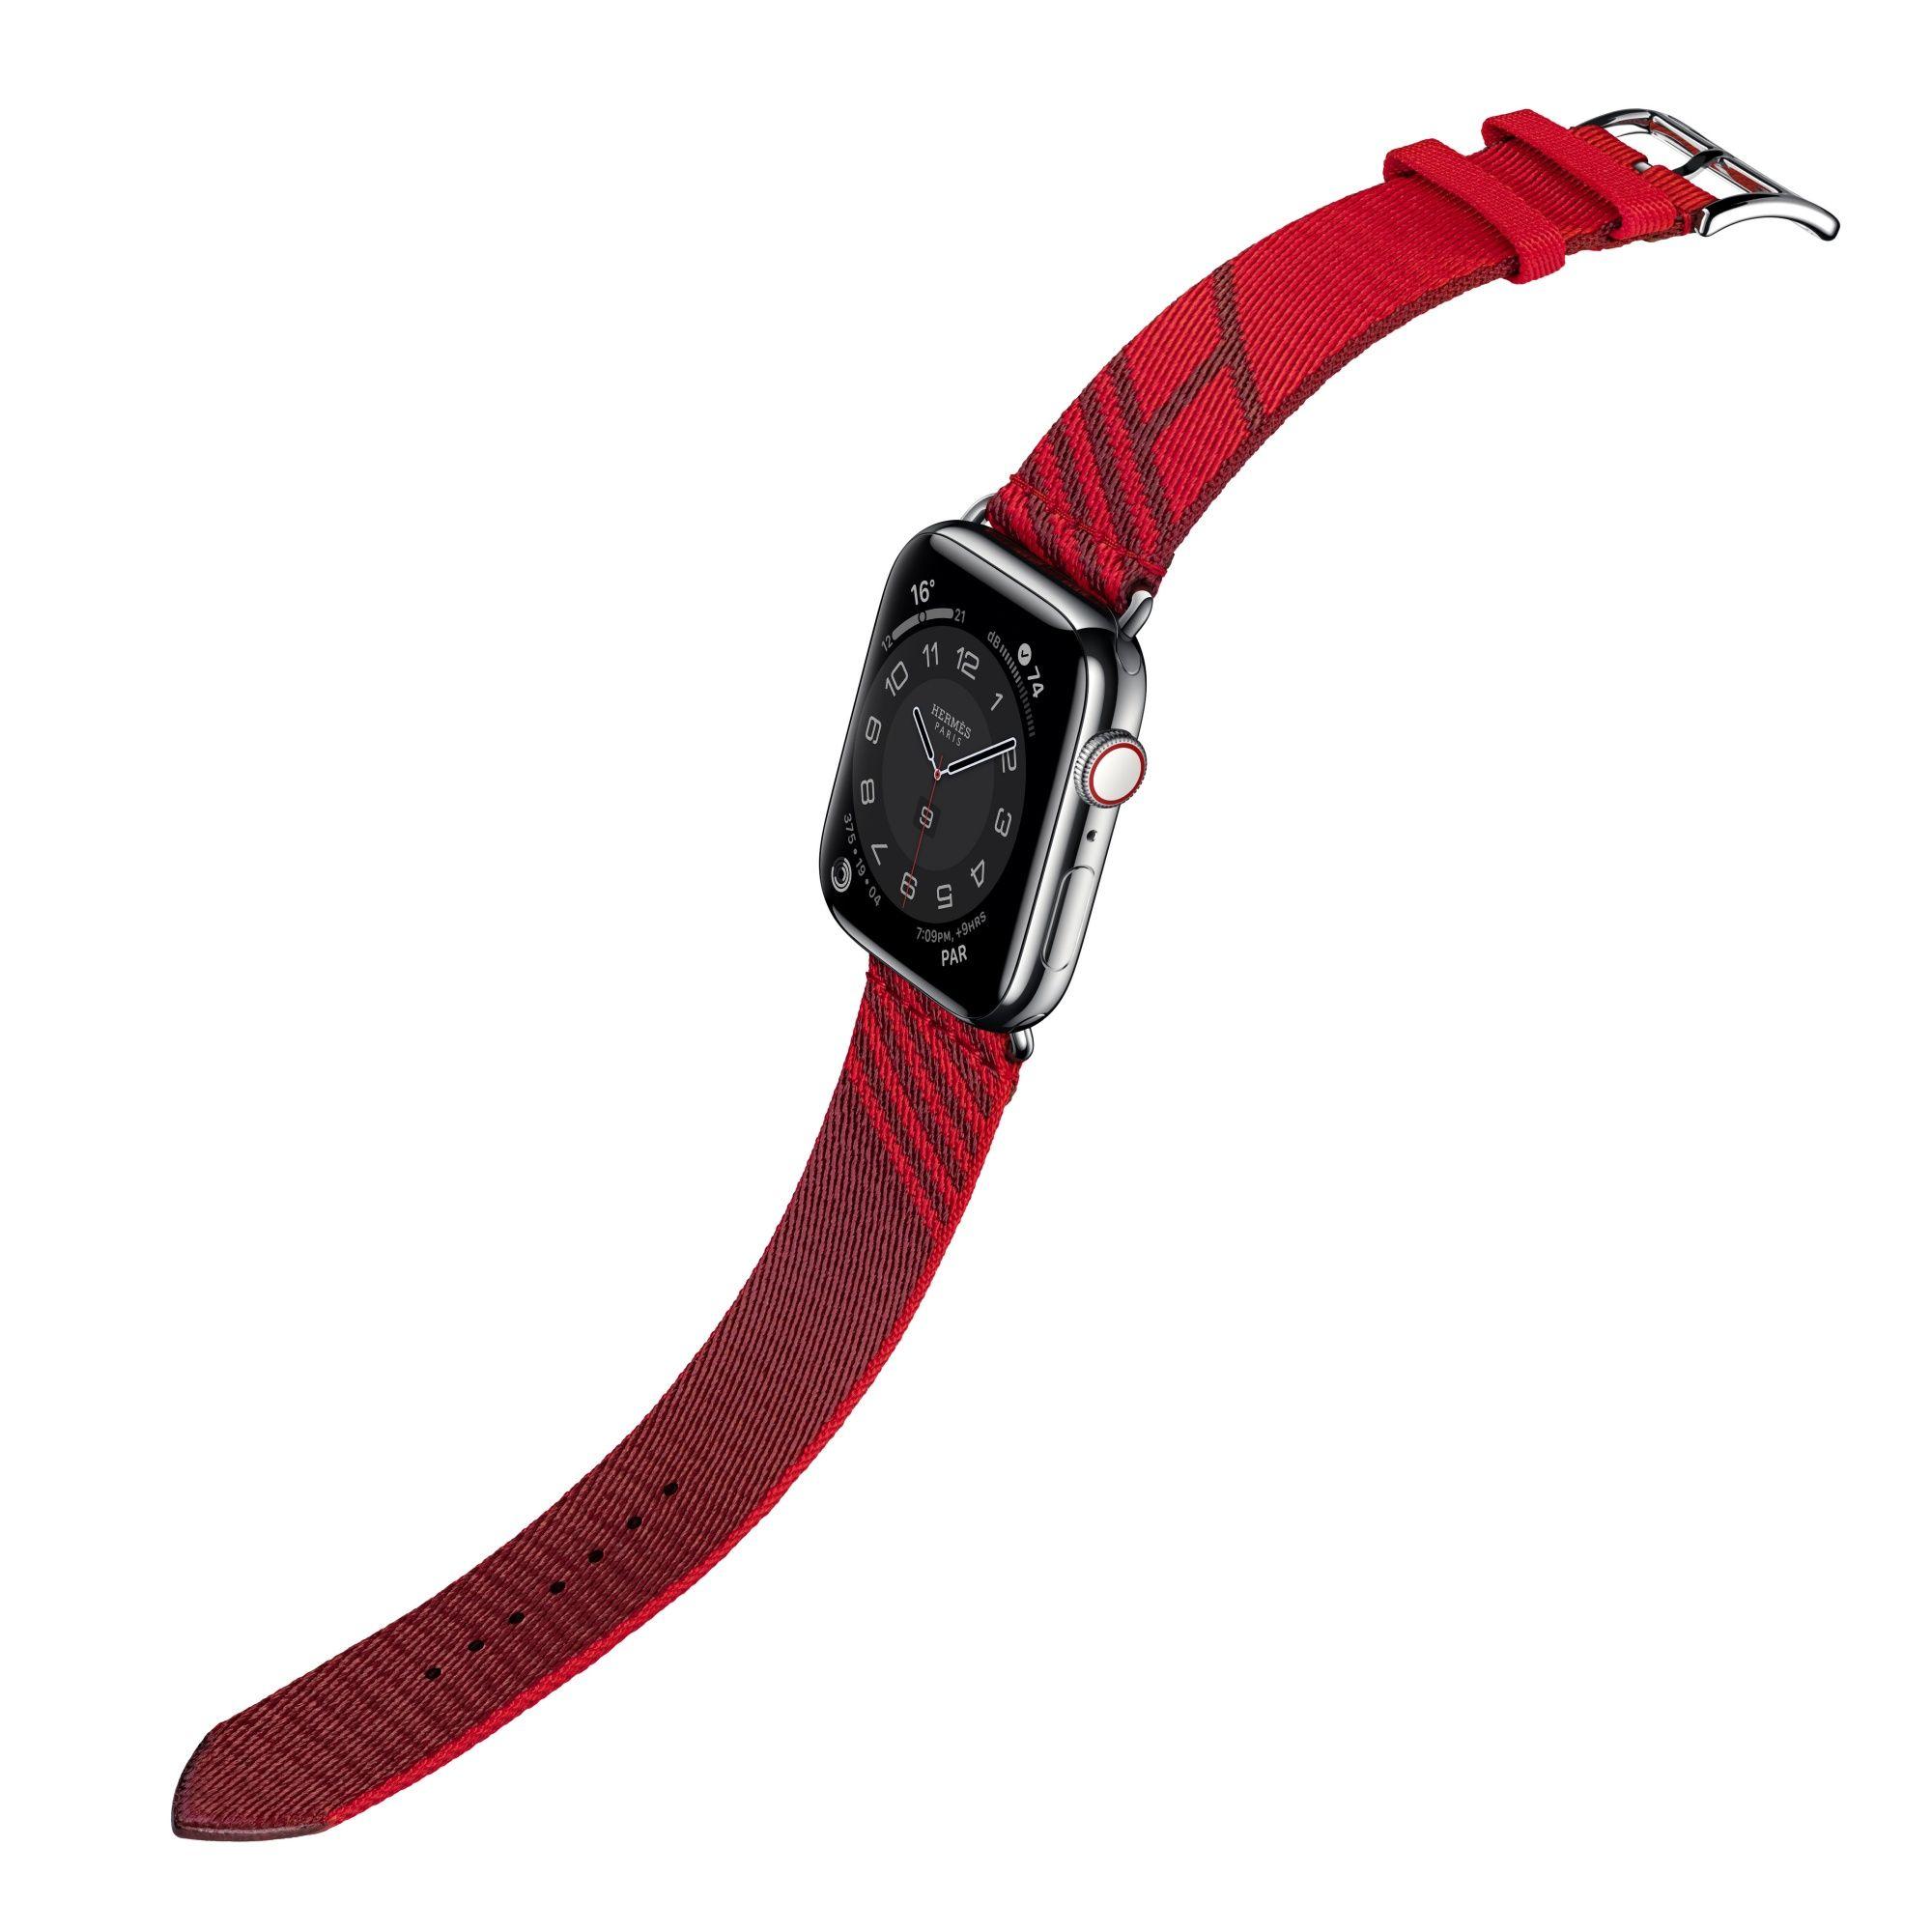 第六代 Apple Watch Hermès Jumping 圖紋印花系列織帶錶款(愛心紅與愛馬仕紅),建議售價 NT$9,900